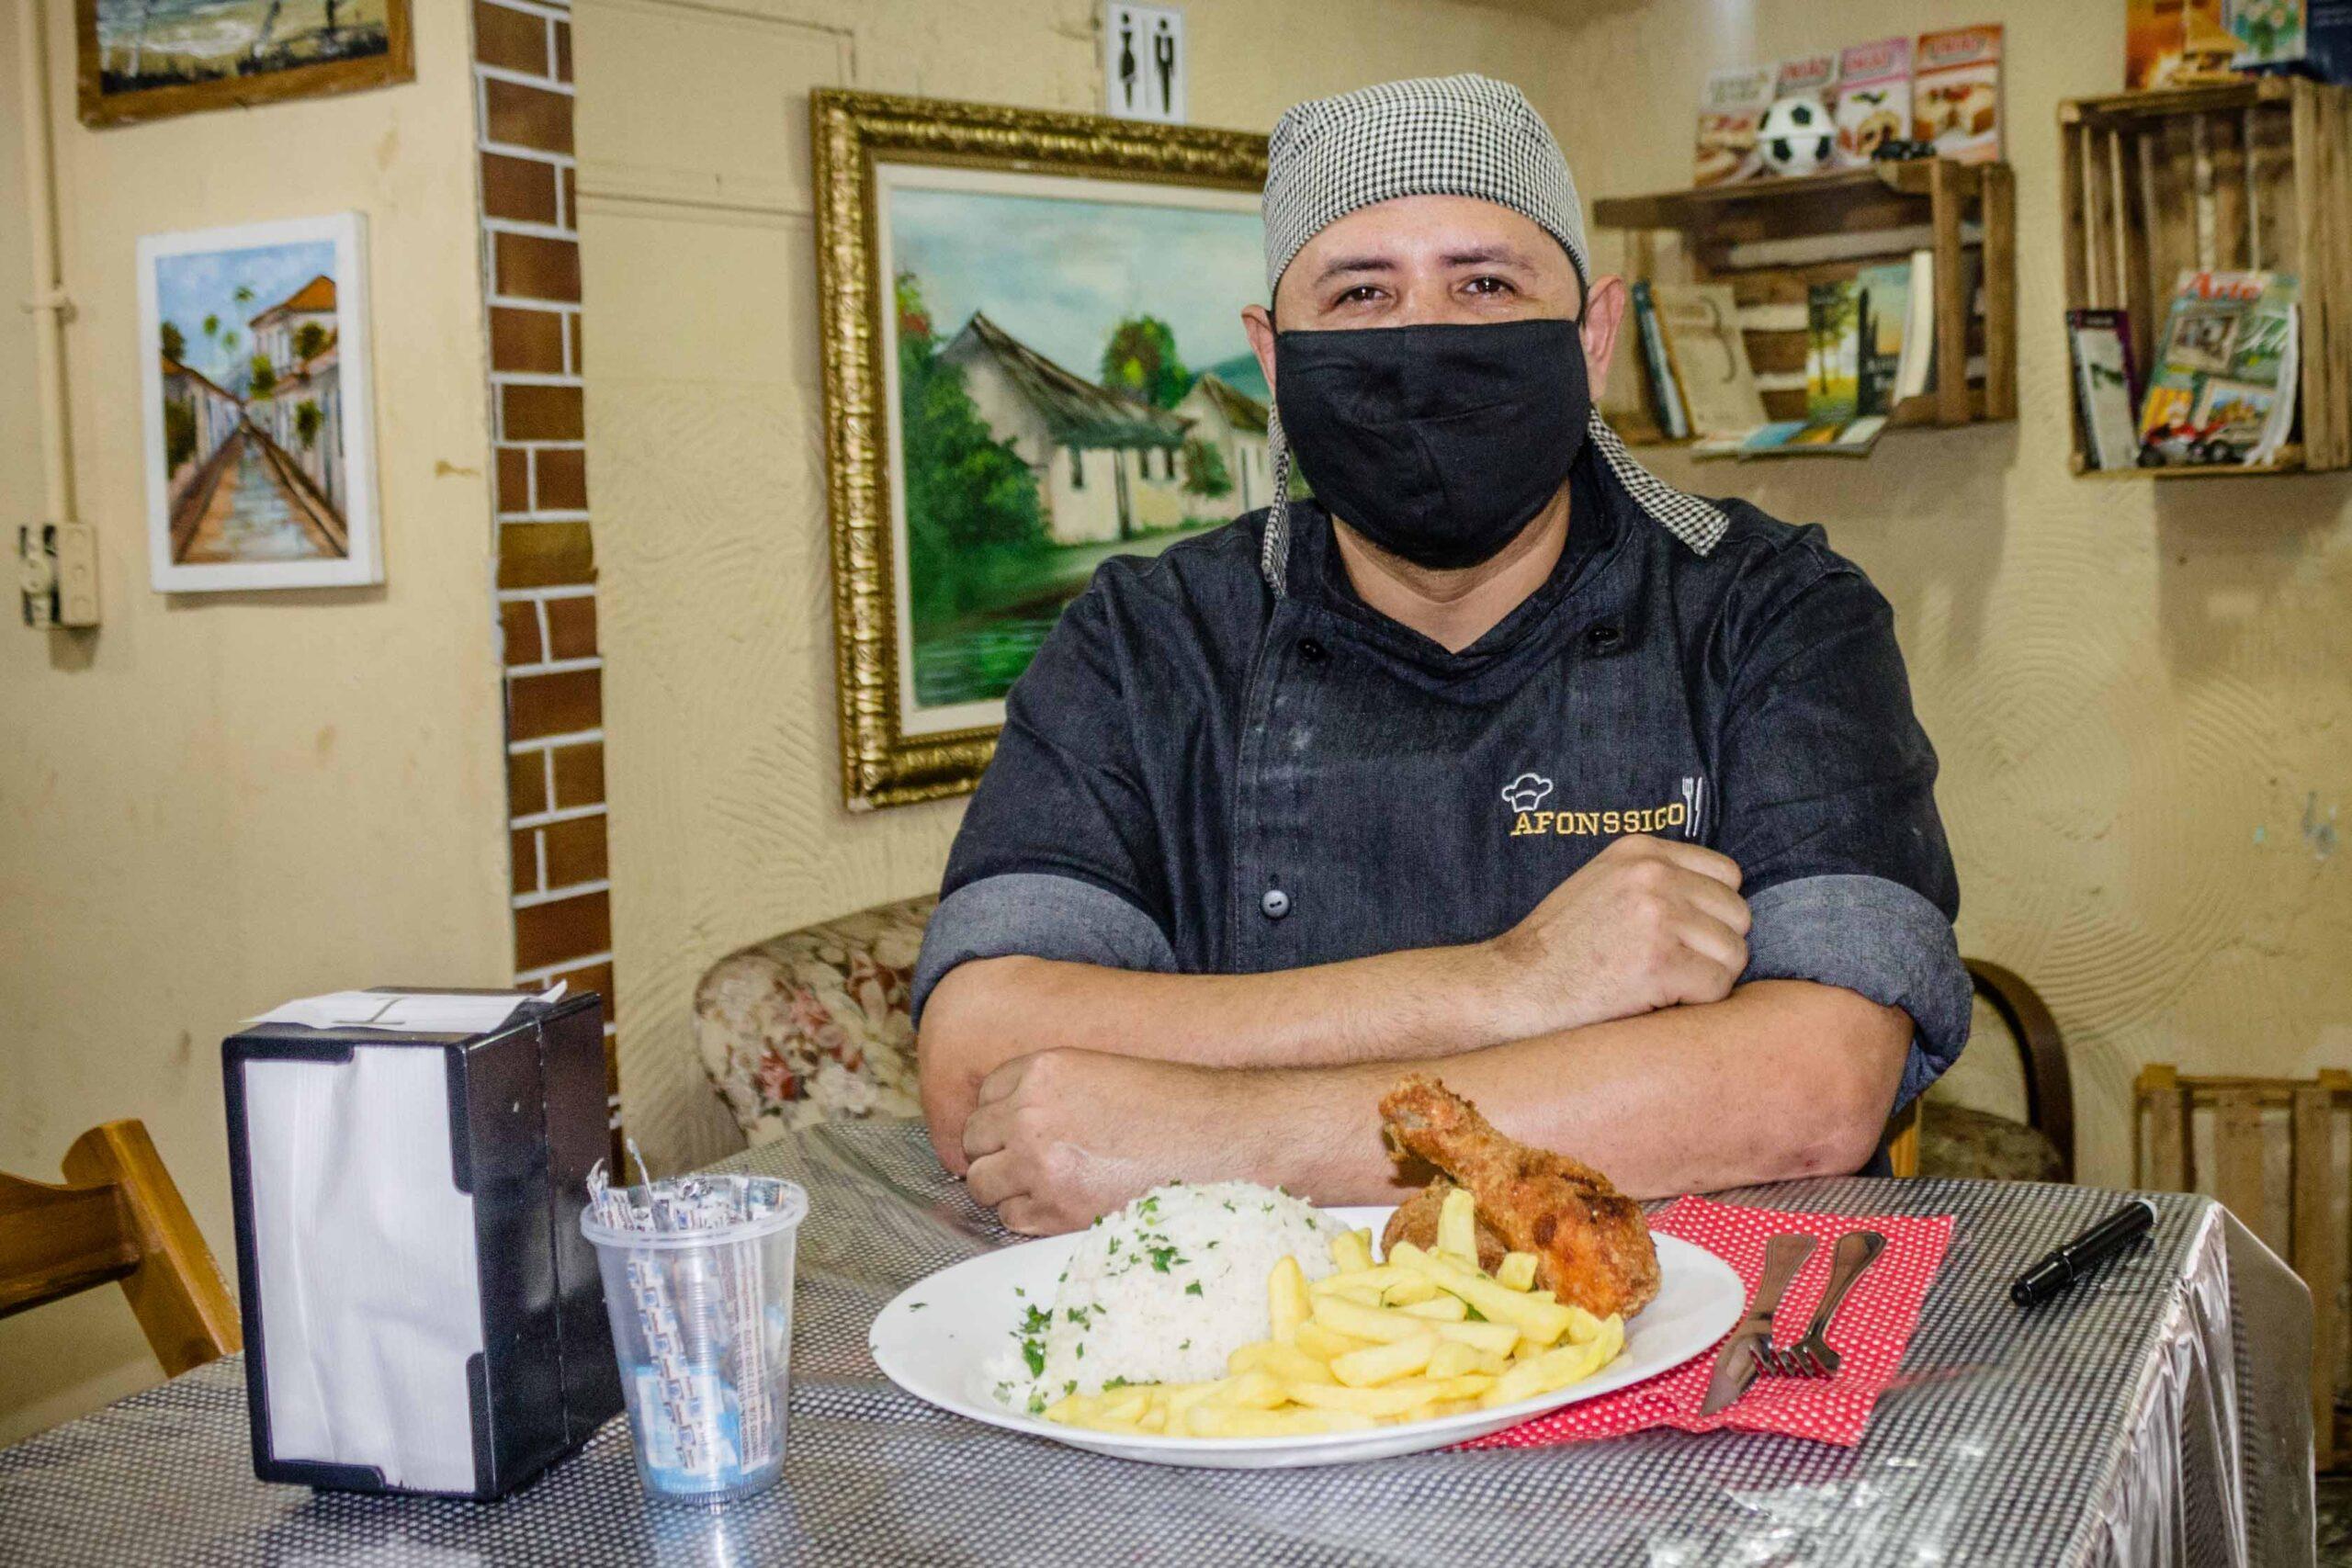 Afonssico: Chefe de cozinha do Complexo do Alemão se reinventa durante à pandemia